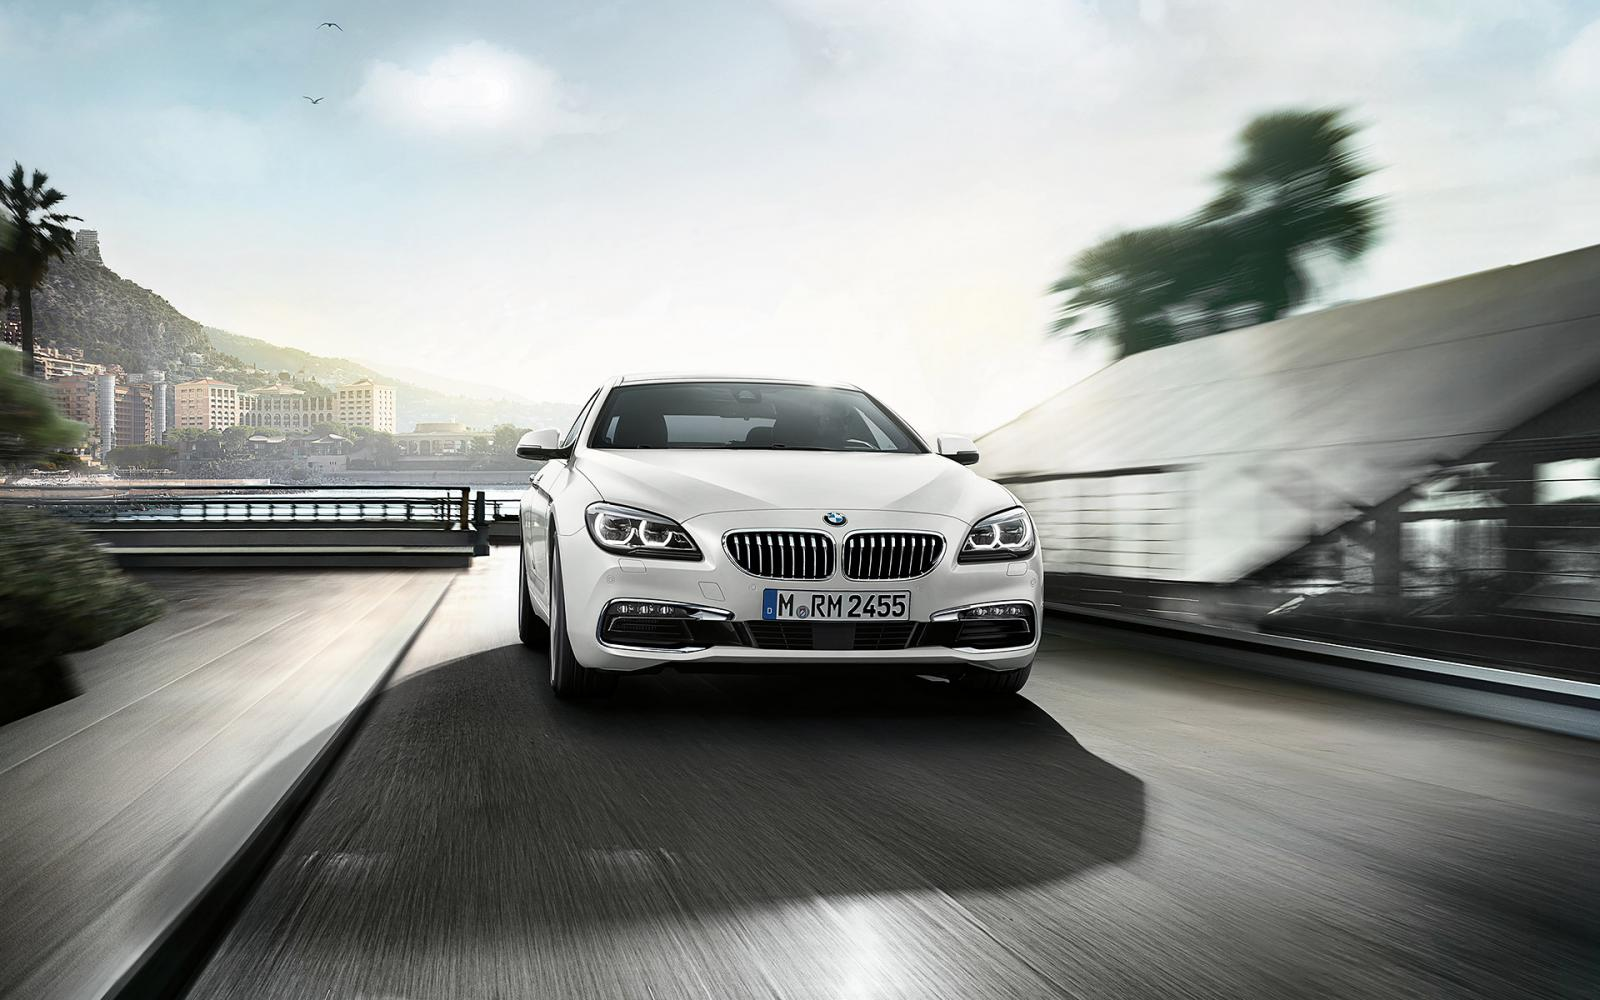 El diseño del BMW Serie 6 precio en México se basa en una silueta perfectamente contorneada y dinámica